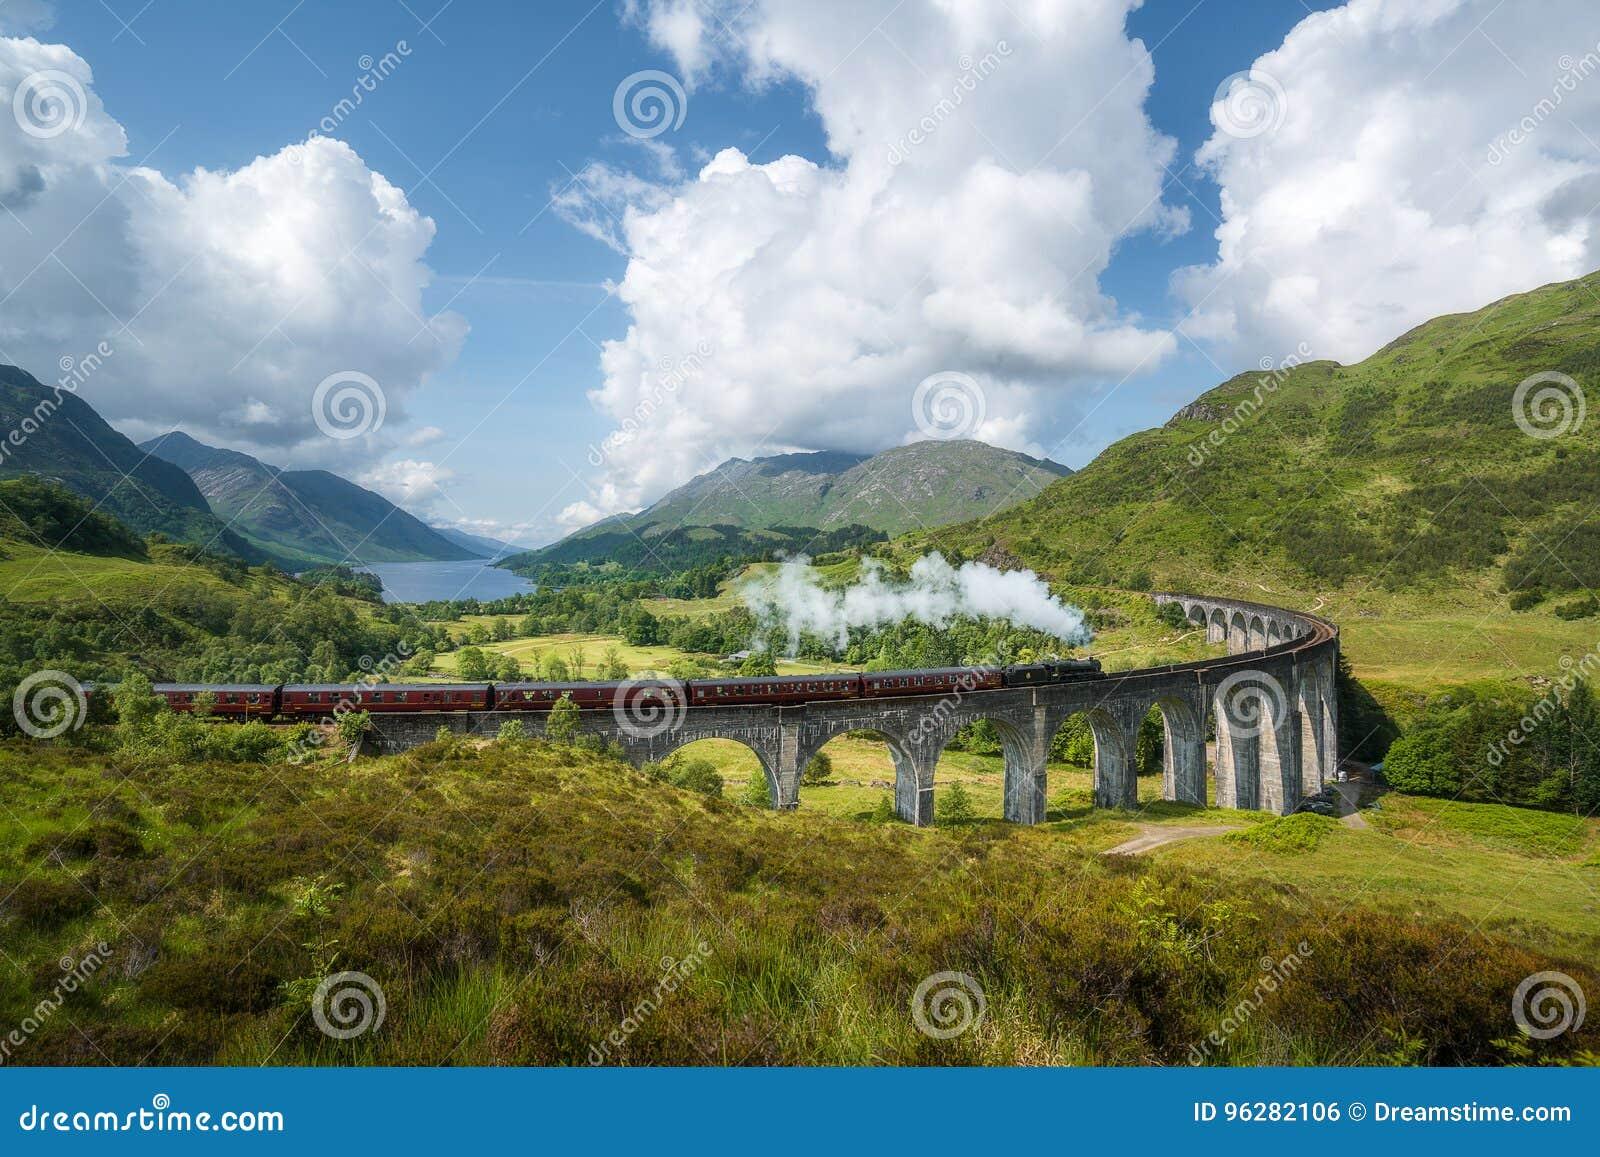 Train de vapeur de Jacobite, a k a Hogwarts exprès, viaduc de Glenfinnan de passages